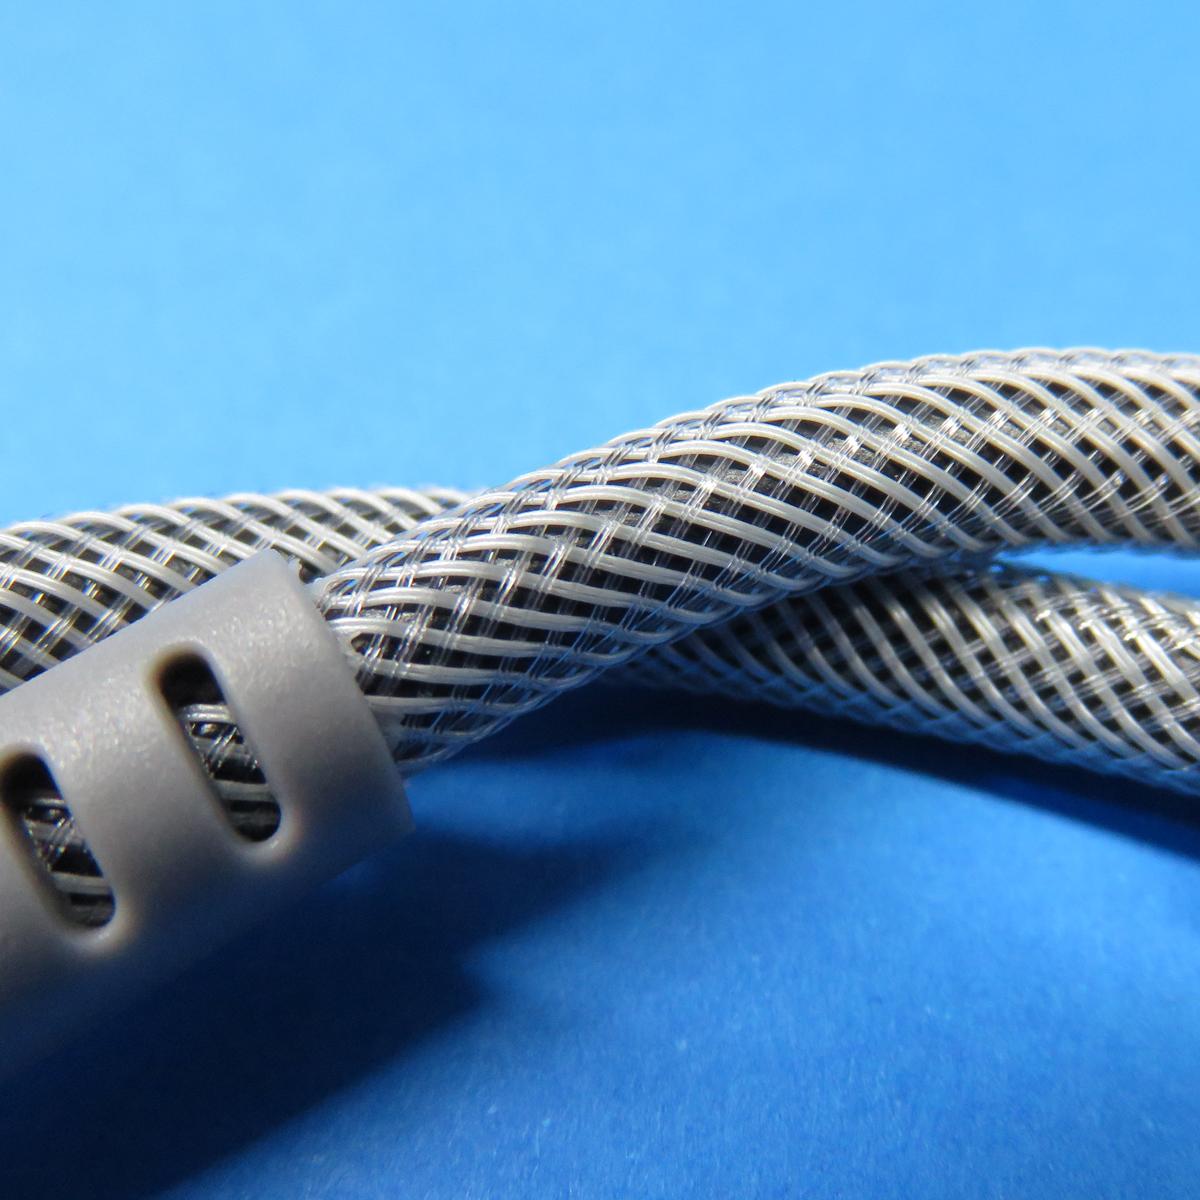 کابل تبدیل USB به لایتنینگ مویان مدل MC-06 طول 0.3 متر